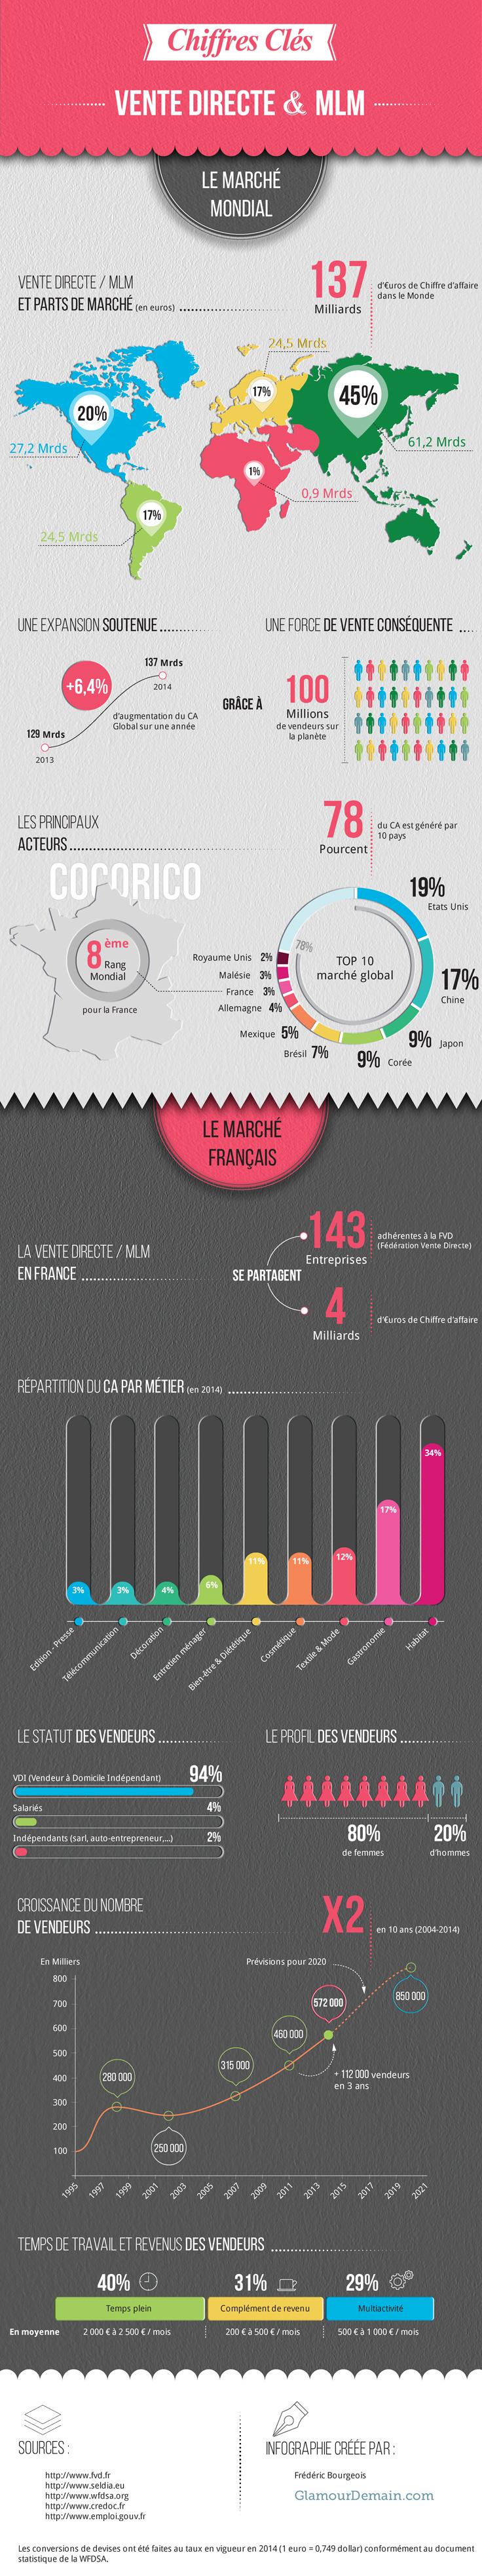 infographie : mlm, vente directe, statut VDI les chiffres clés